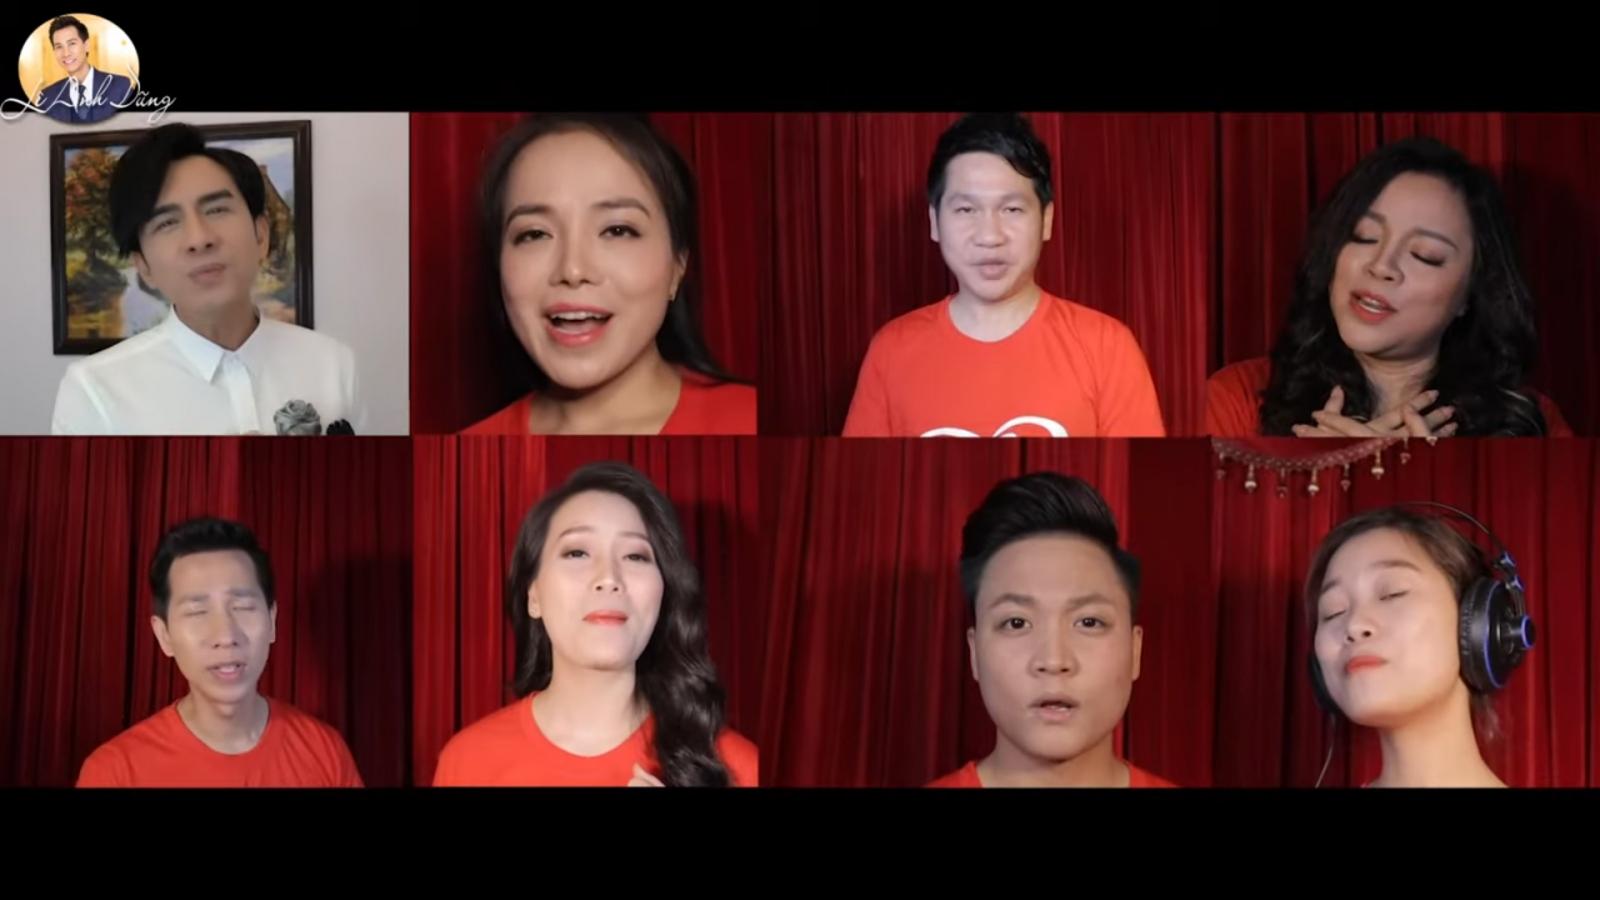 Hơn 30 ca sĩ cùng hát trong MV sôi động cổ vũ chống dịch Covid-19